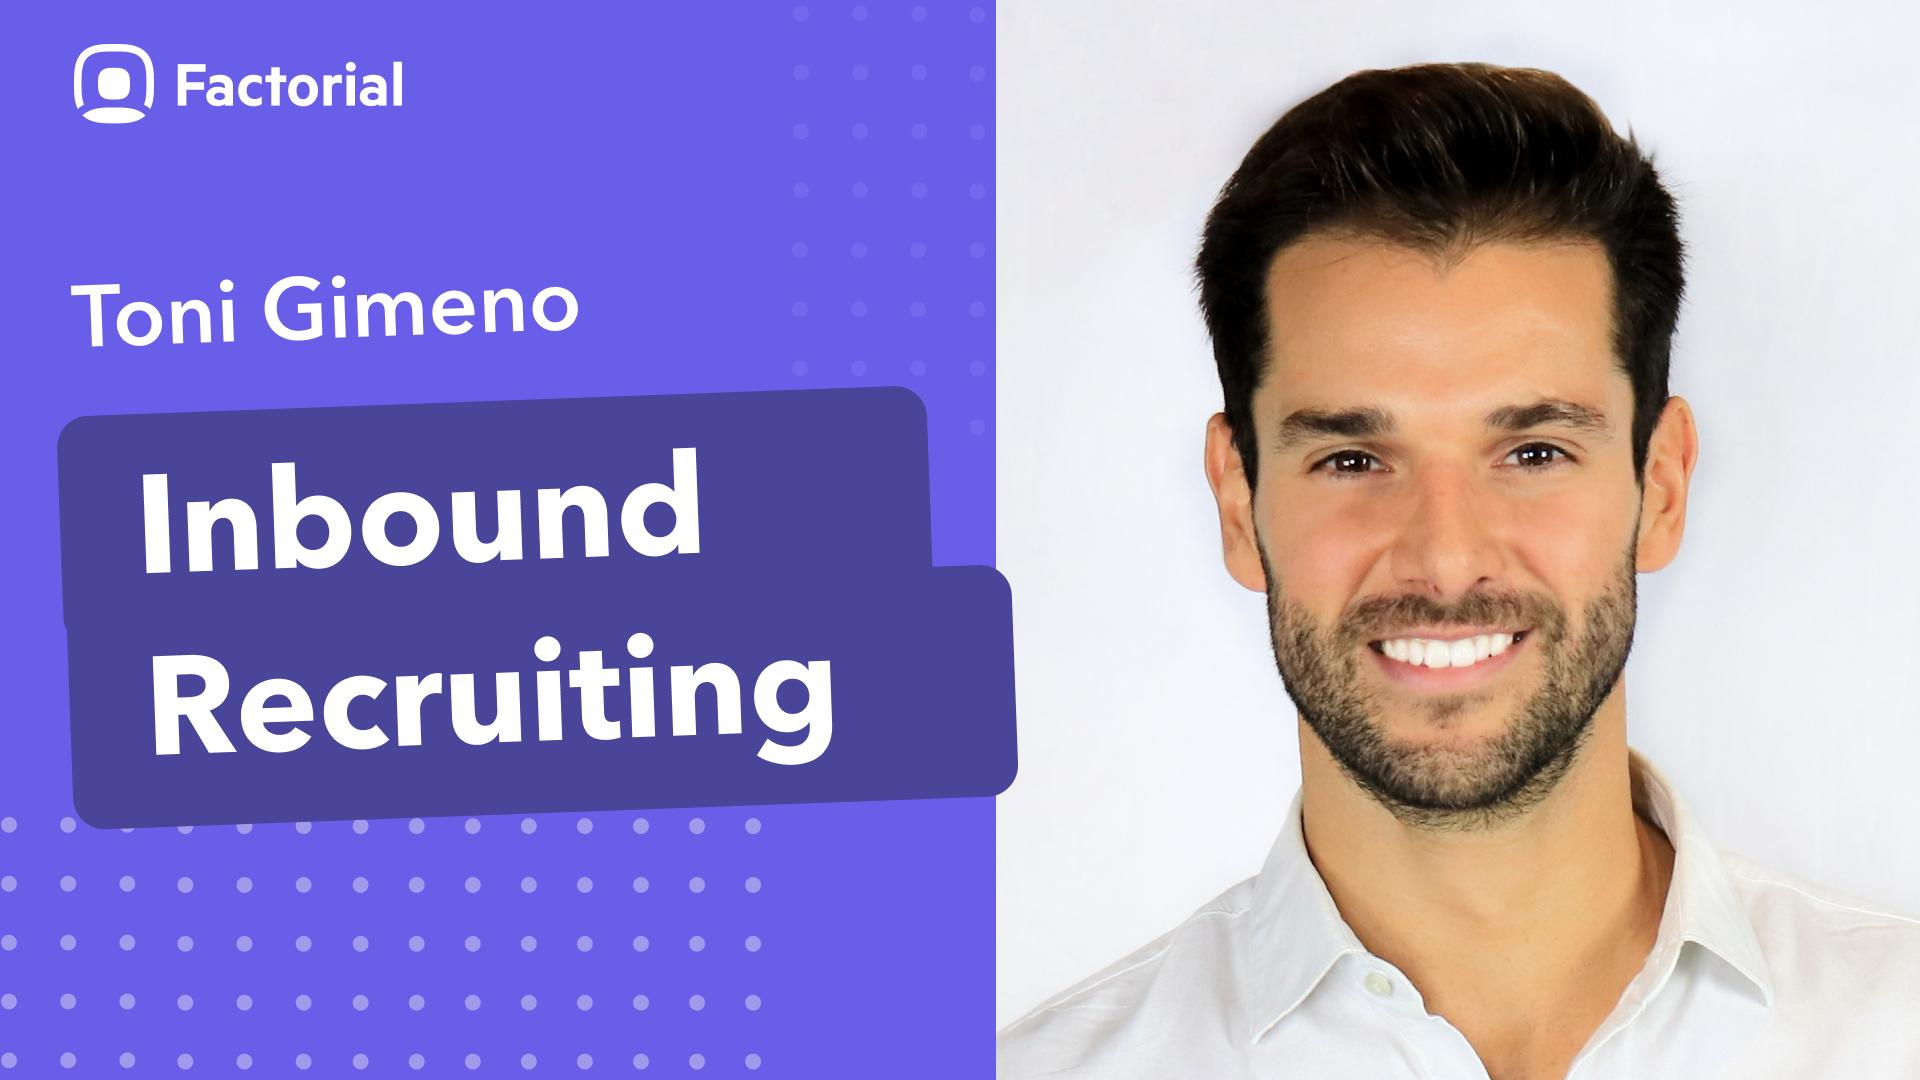 inbound recruiting